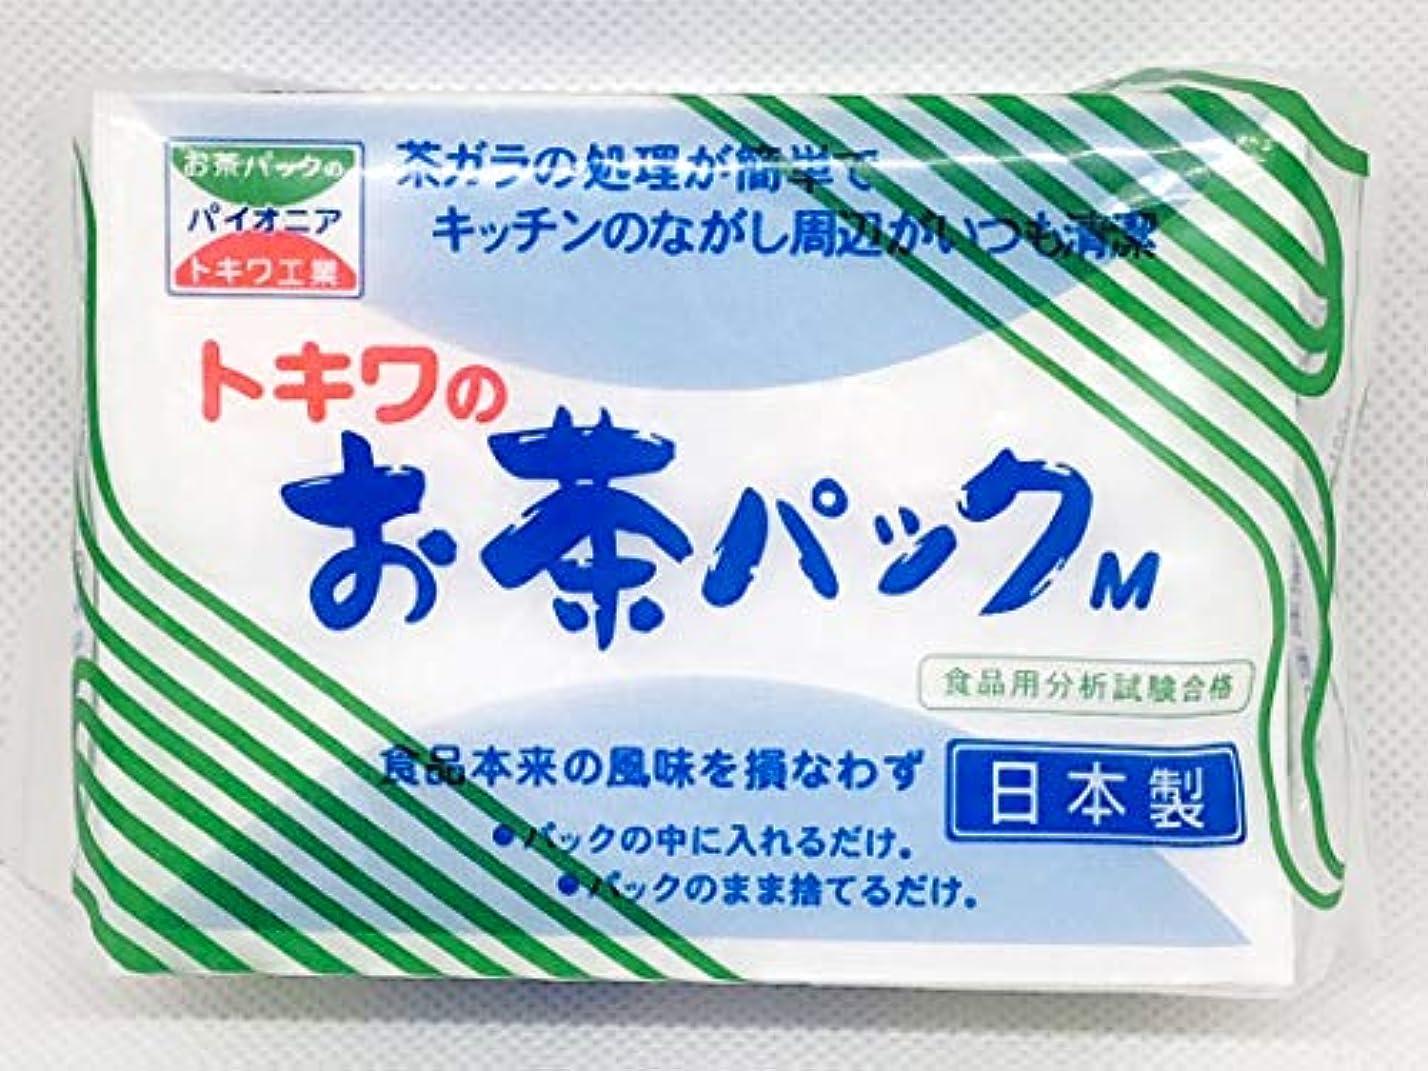 分析する集める拒絶するトキワ工業 調味料入れ マルチ 商品サイズ(約):W70XD45XH135mm商品重量(約):30g お茶パックMサイズ 60枚入 TKW81034